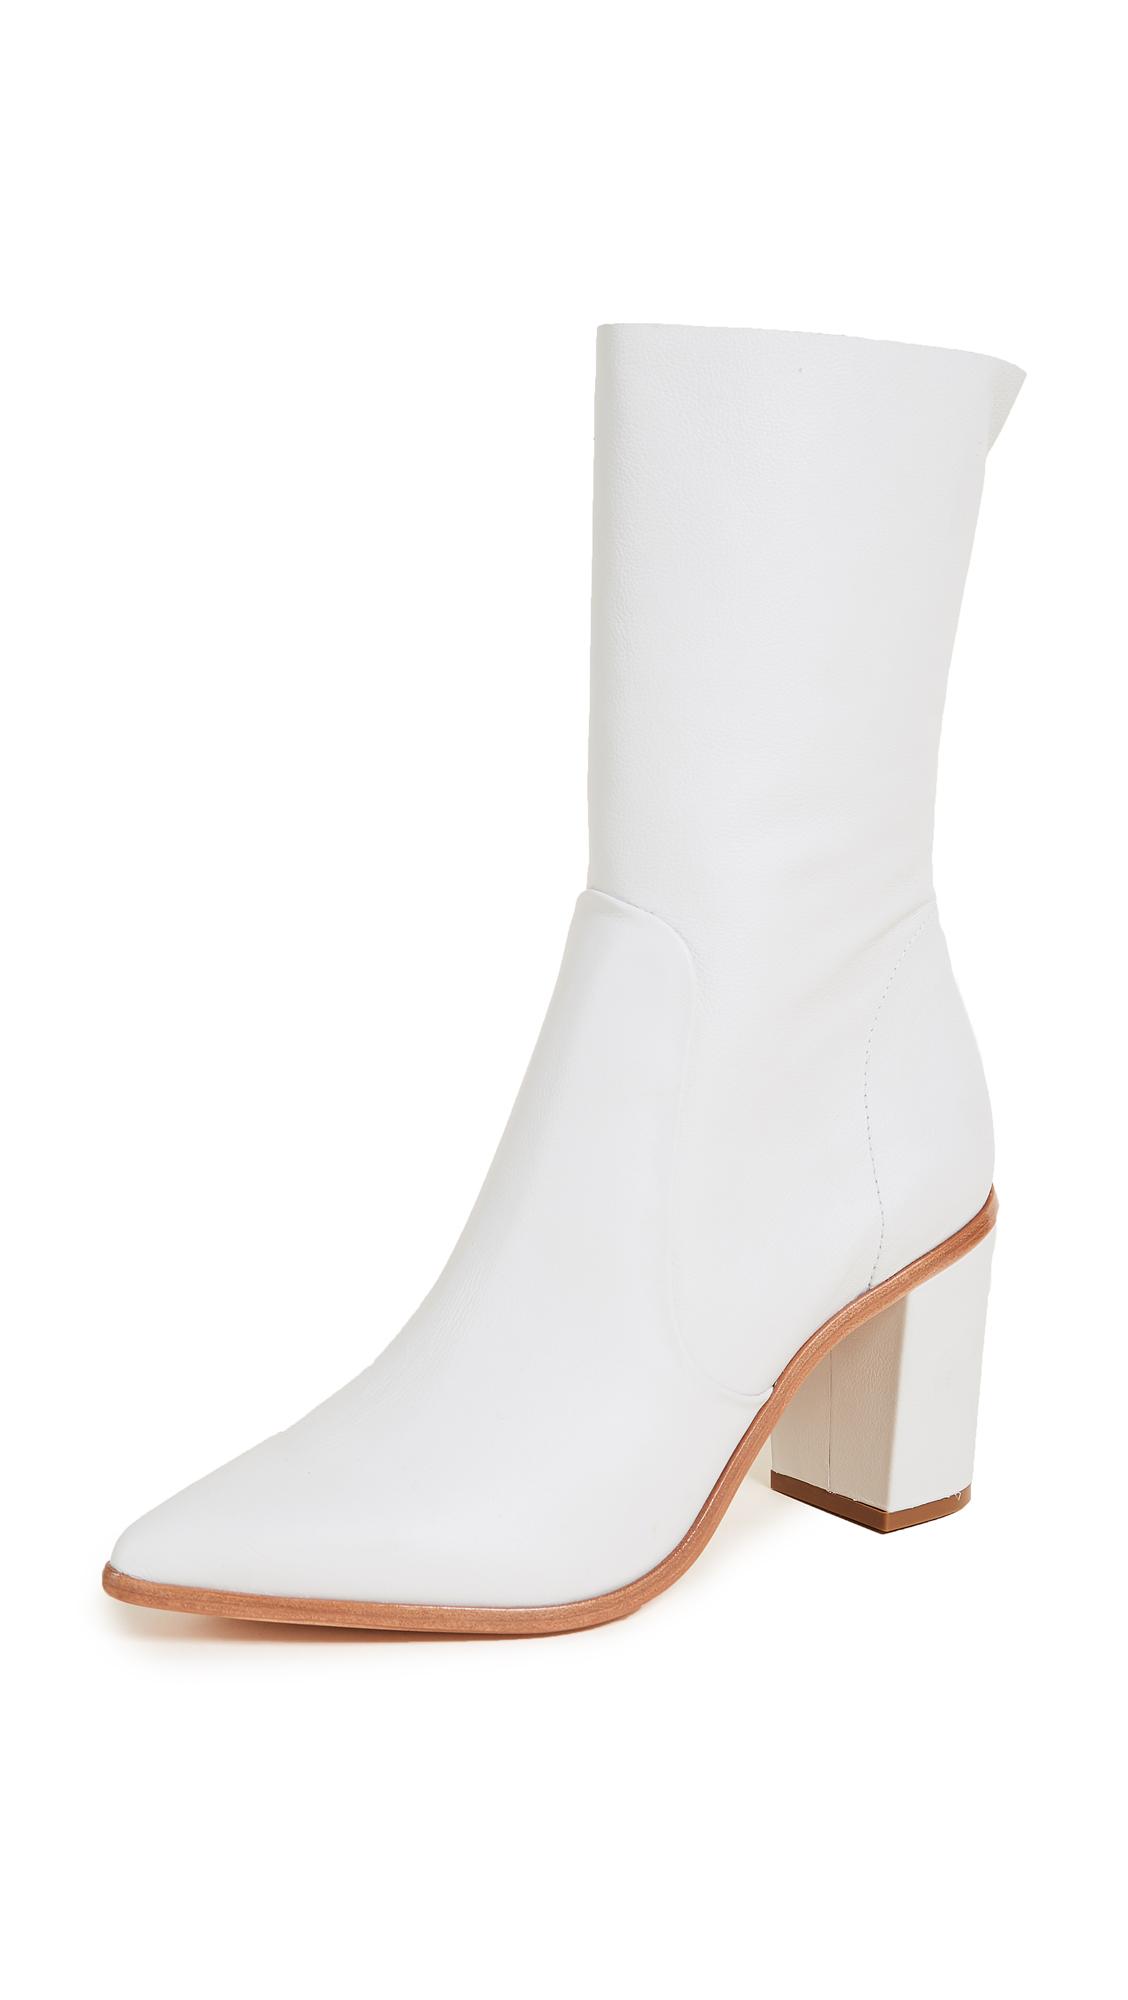 Schutz Anaflor Block Heel Boots - Pearl